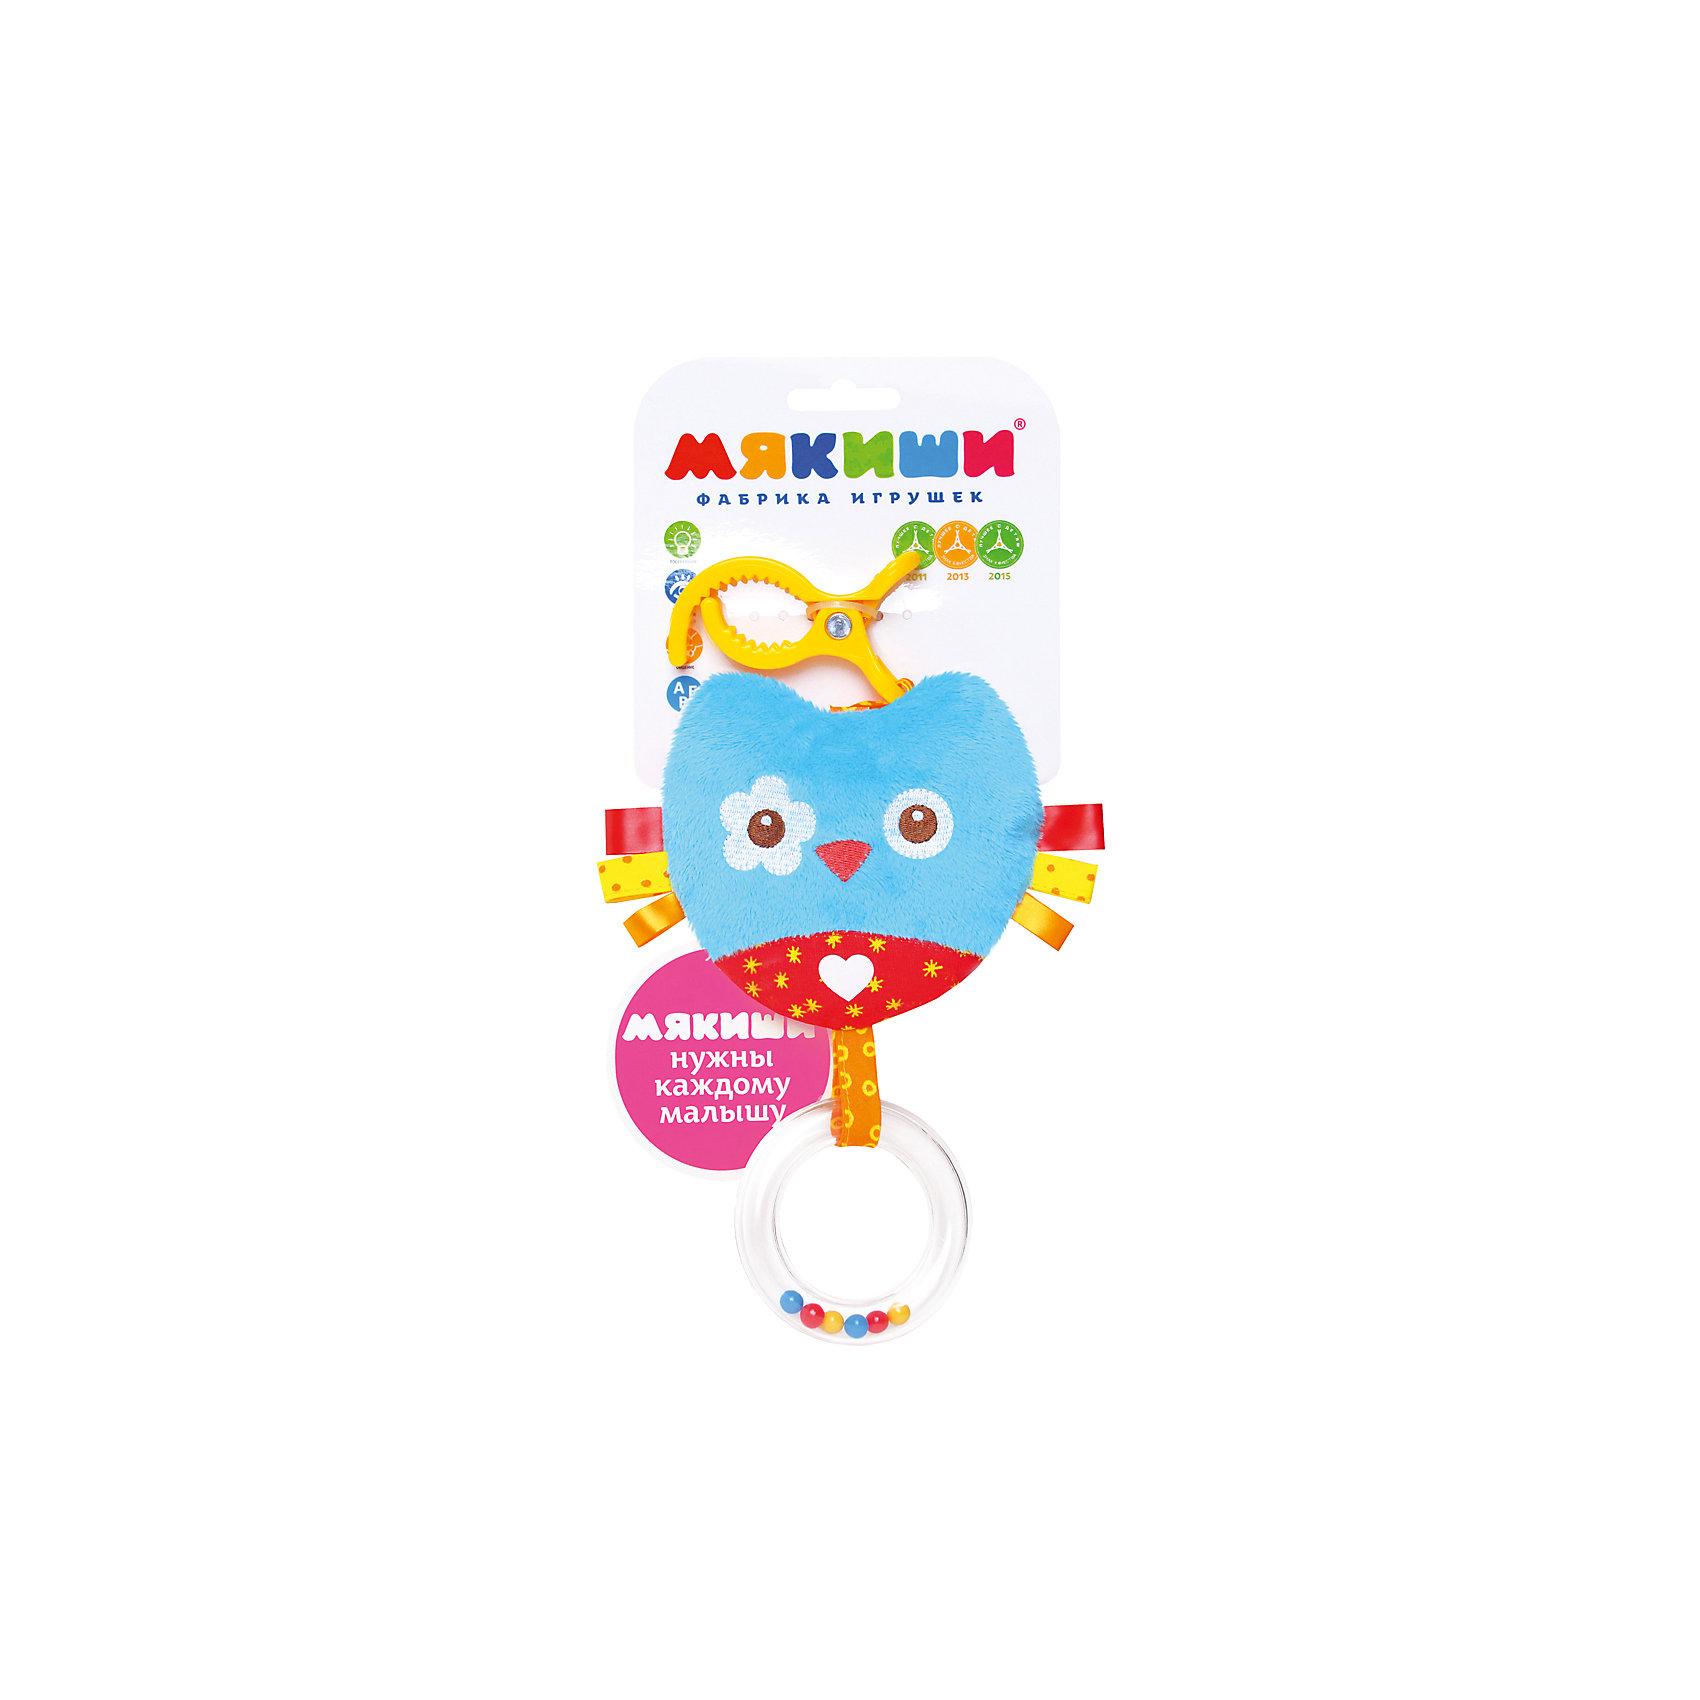 Подвеска Сова, МякишиХарактеристики товара:<br><br>• материал: разнофактурный текстиль, холлофайбер<br>• комплектация: 1 шт<br>• размер игрушки: 16х29х4 см<br>• звуковой элемент<br>• клипса для крепления<br>• прорезыватель<br>• развивающая игрушка<br>• упаковка: ламинированный картонный холдер<br>• страна бренда: РФ<br>• страна изготовитель: РФ<br><br>Малыши активно познают мир и тянутся к новой информации. Чтобы сделать процесс изучения окружающего пространства интереснее, ребенку можно подарить развивающие игрушки. В процессе игры информация усваивается намного лучше!<br>Такие игрушки помогут занять малыша, играть ими приятно и весело. Одновременно они позволят познакомиться со многими цветами, фактурами, а также научиться извлекать звук. Подобные игрушки развивают тактильные ощущения, моторику, цветовосприятие, логику, воображение, учат фокусировать внимание. Каждое изделие абсолютно безопасно – оно создано из качественной ткани с мягким наполнителем. Игрушки производятся из качественных и проверенных материалов, которые безопасны для детей.<br><br>Подвеску Сова от бренда Мякиши можно купить в нашем интернет-магазине.<br><br>Ширина мм: 320<br>Глубина мм: 150<br>Высота мм: 40<br>Вес г: 40<br>Возраст от месяцев: 12<br>Возраст до месяцев: 36<br>Пол: Унисекс<br>Возраст: Детский<br>SKU: 5183210